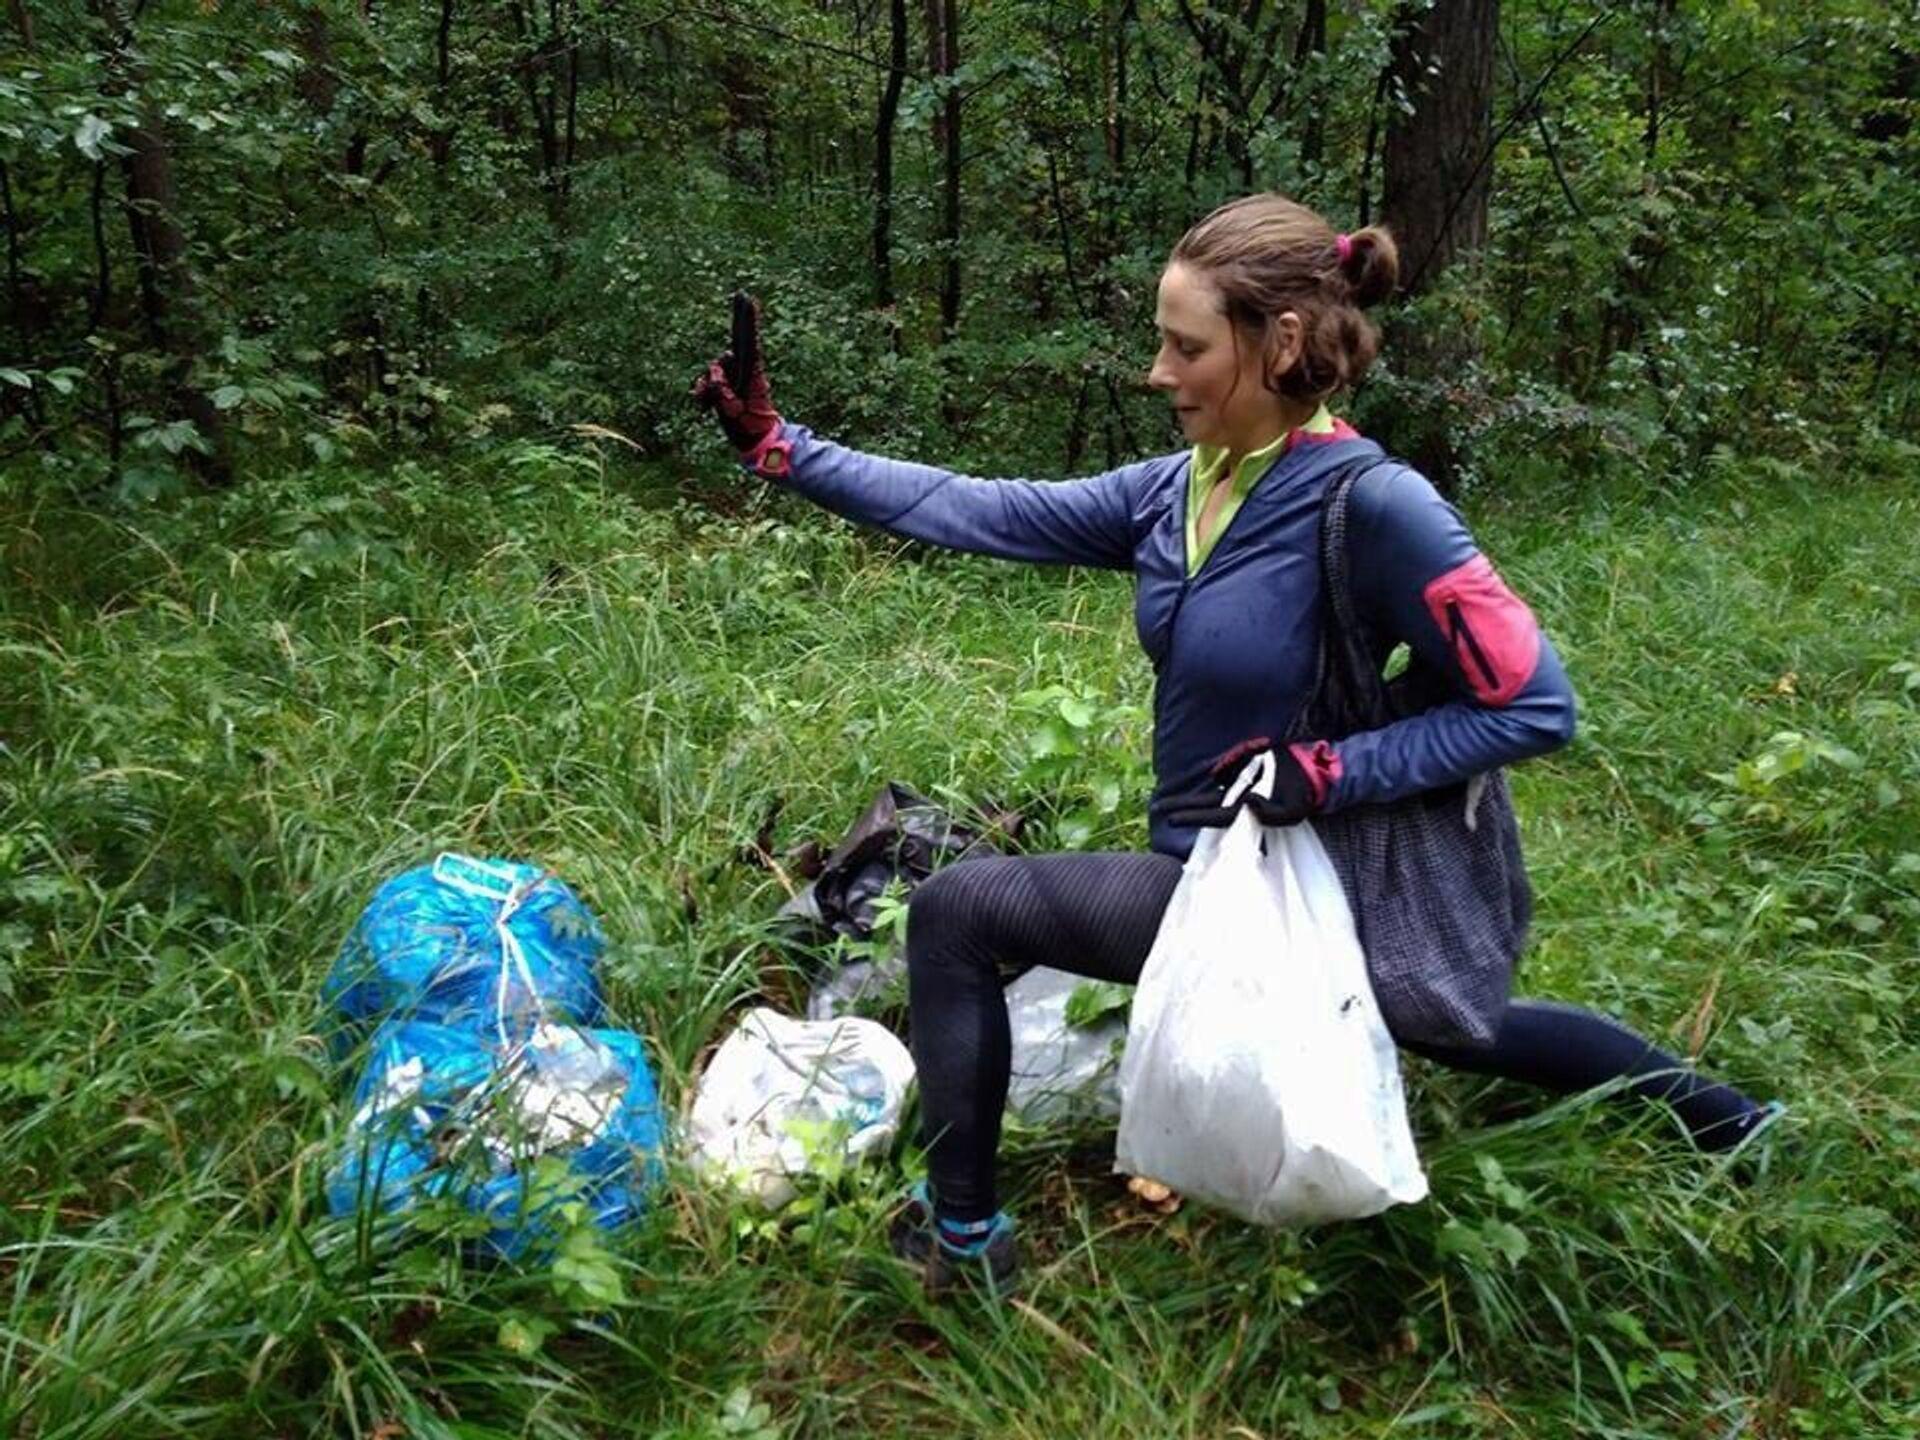 Пакеты для сбора мусора Дина тоже находит в лесу - ПРОФИ Новости, 1920, 23.10.2020